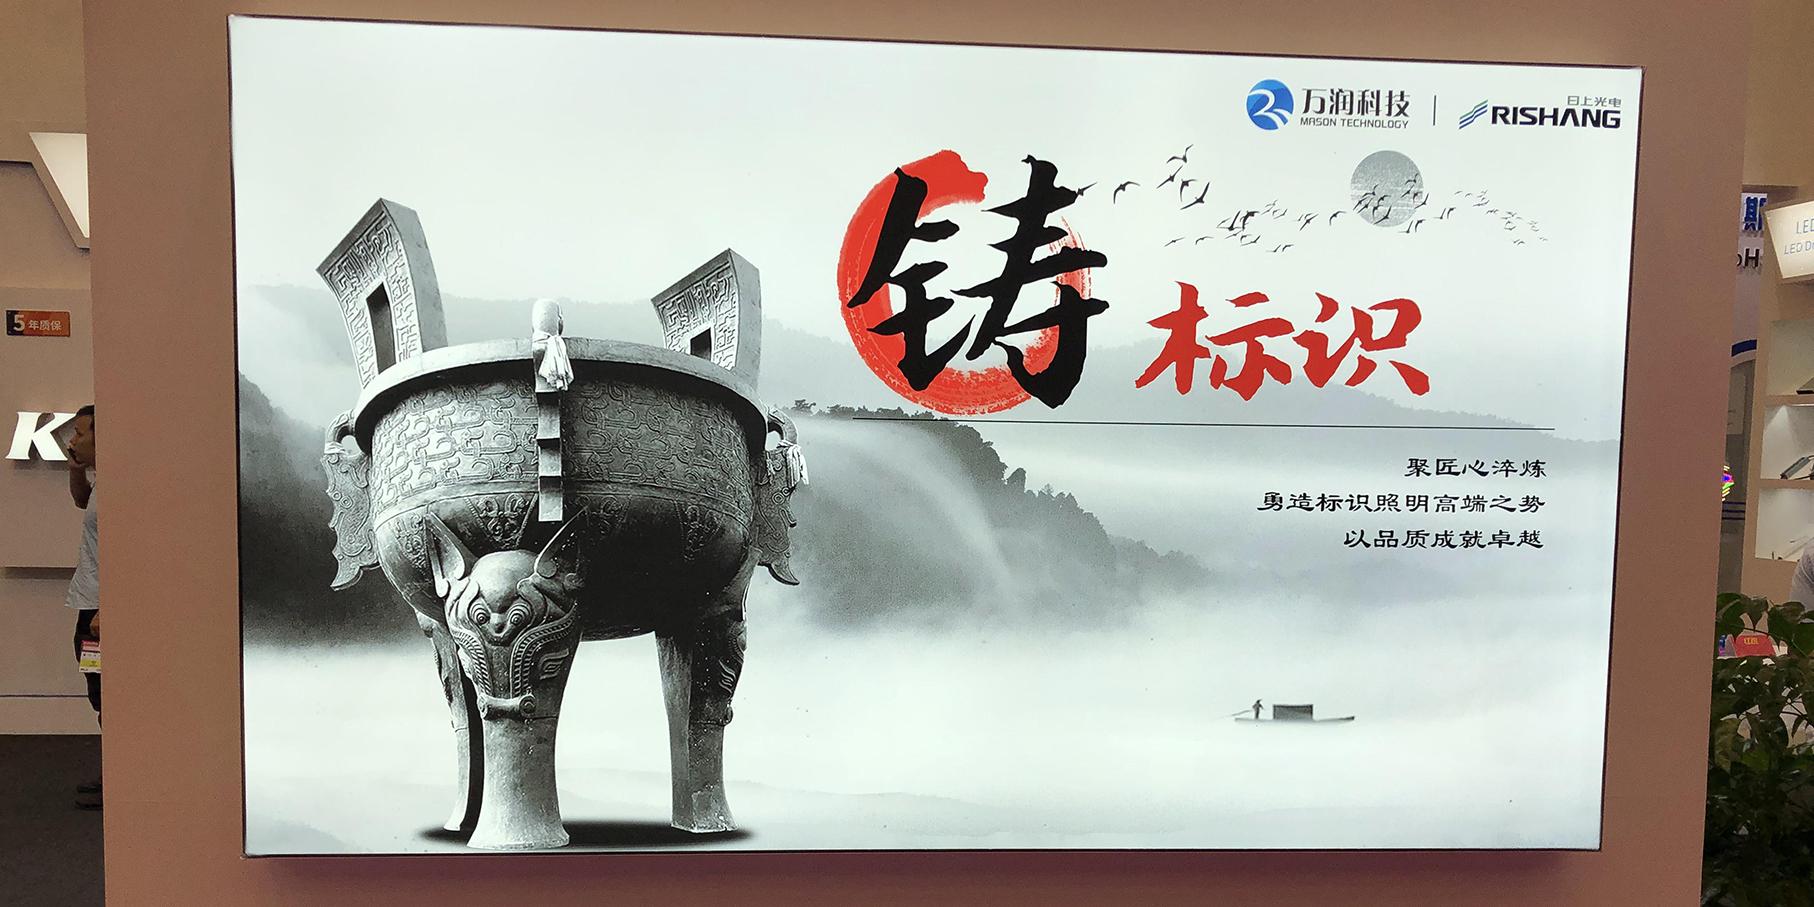 销售卡布灯箱信赖推荐 铸造辉煌「上海鸿艺广告供应」